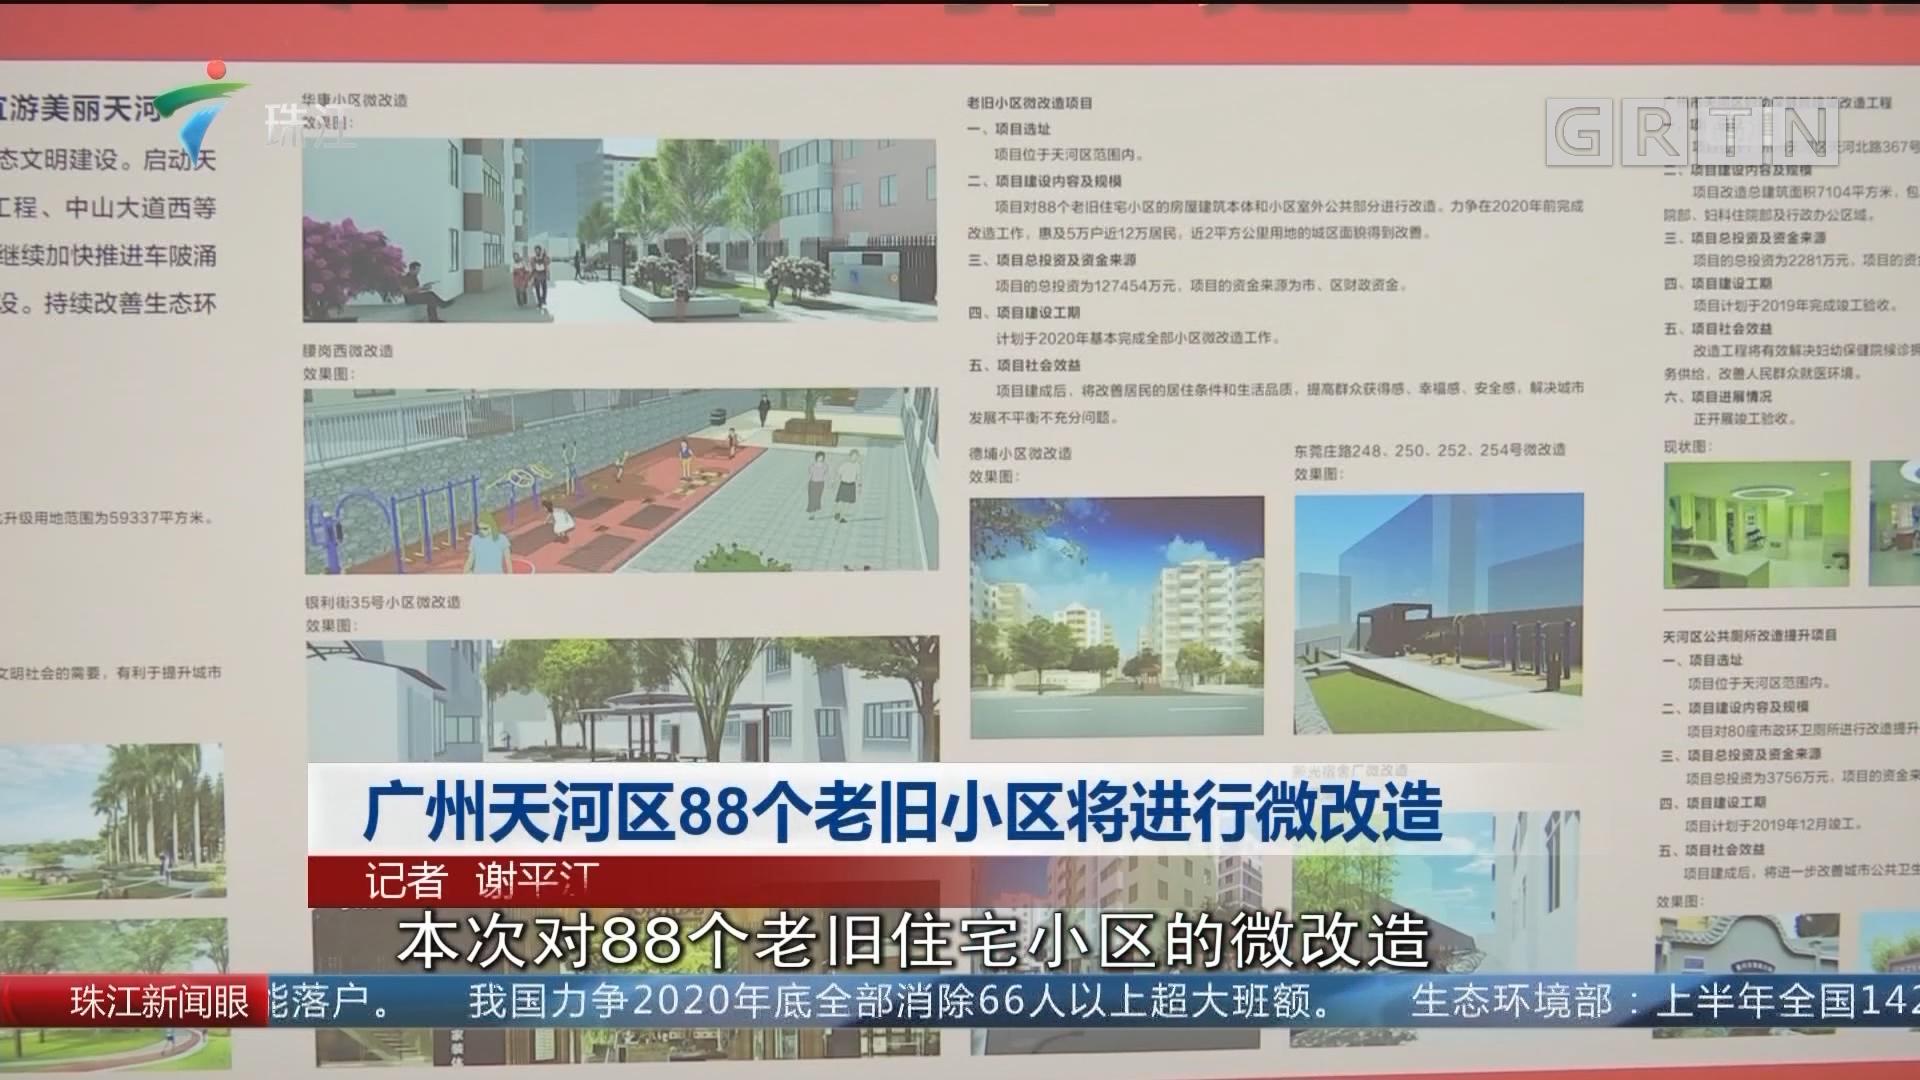 广州天河区88个老旧小区将进行微改造